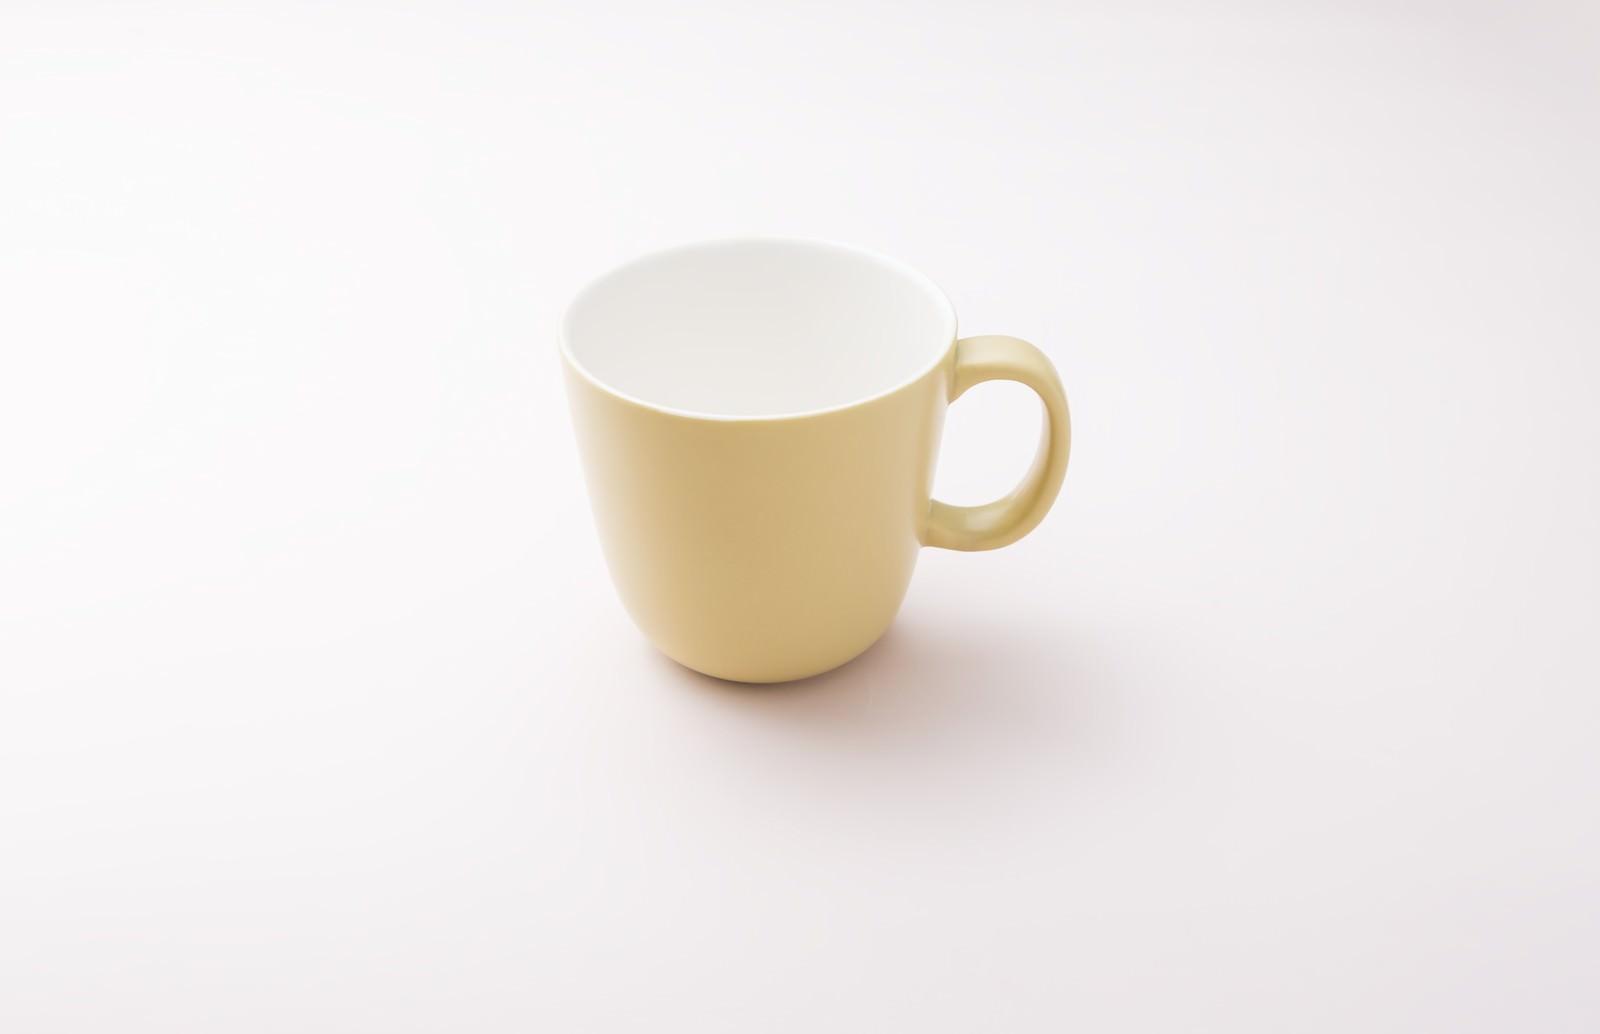 「黄色いカップ黄色いカップ」のフリー写真素材を拡大